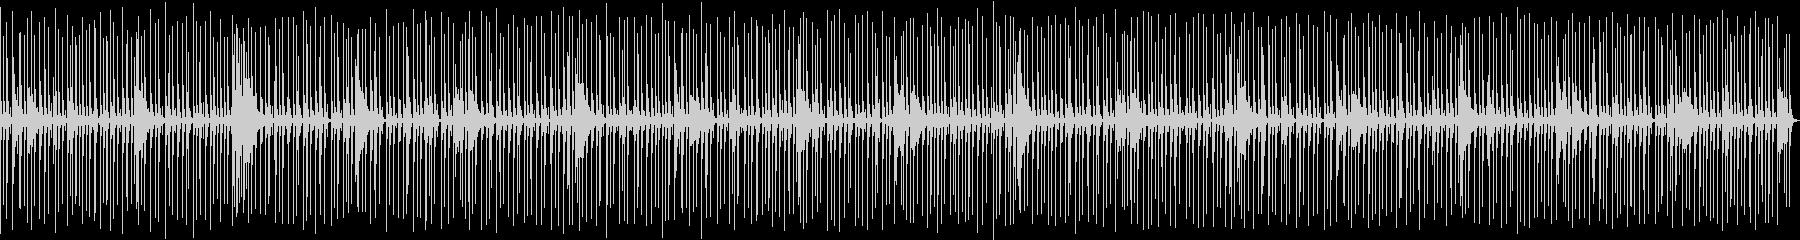 喋り動画用_軽快なドラムソロBGMの未再生の波形